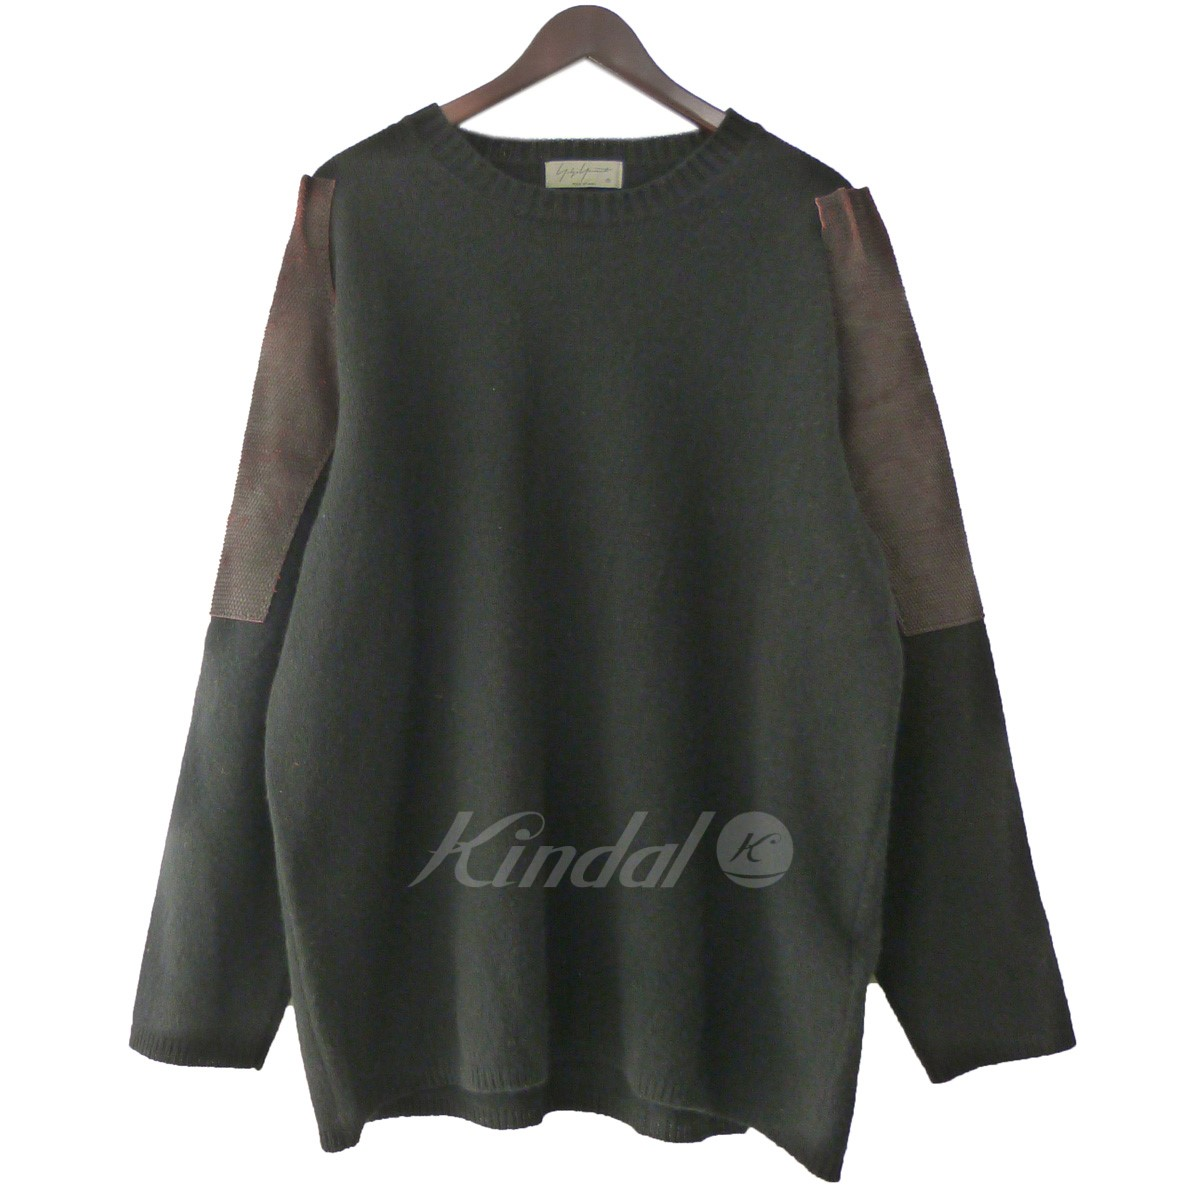 【中古】YOHJI YAMAMOTO pour homme 18AW レザーパッチクルーネックニットセーター 【送料無料】 【173278】 【KIND1641】